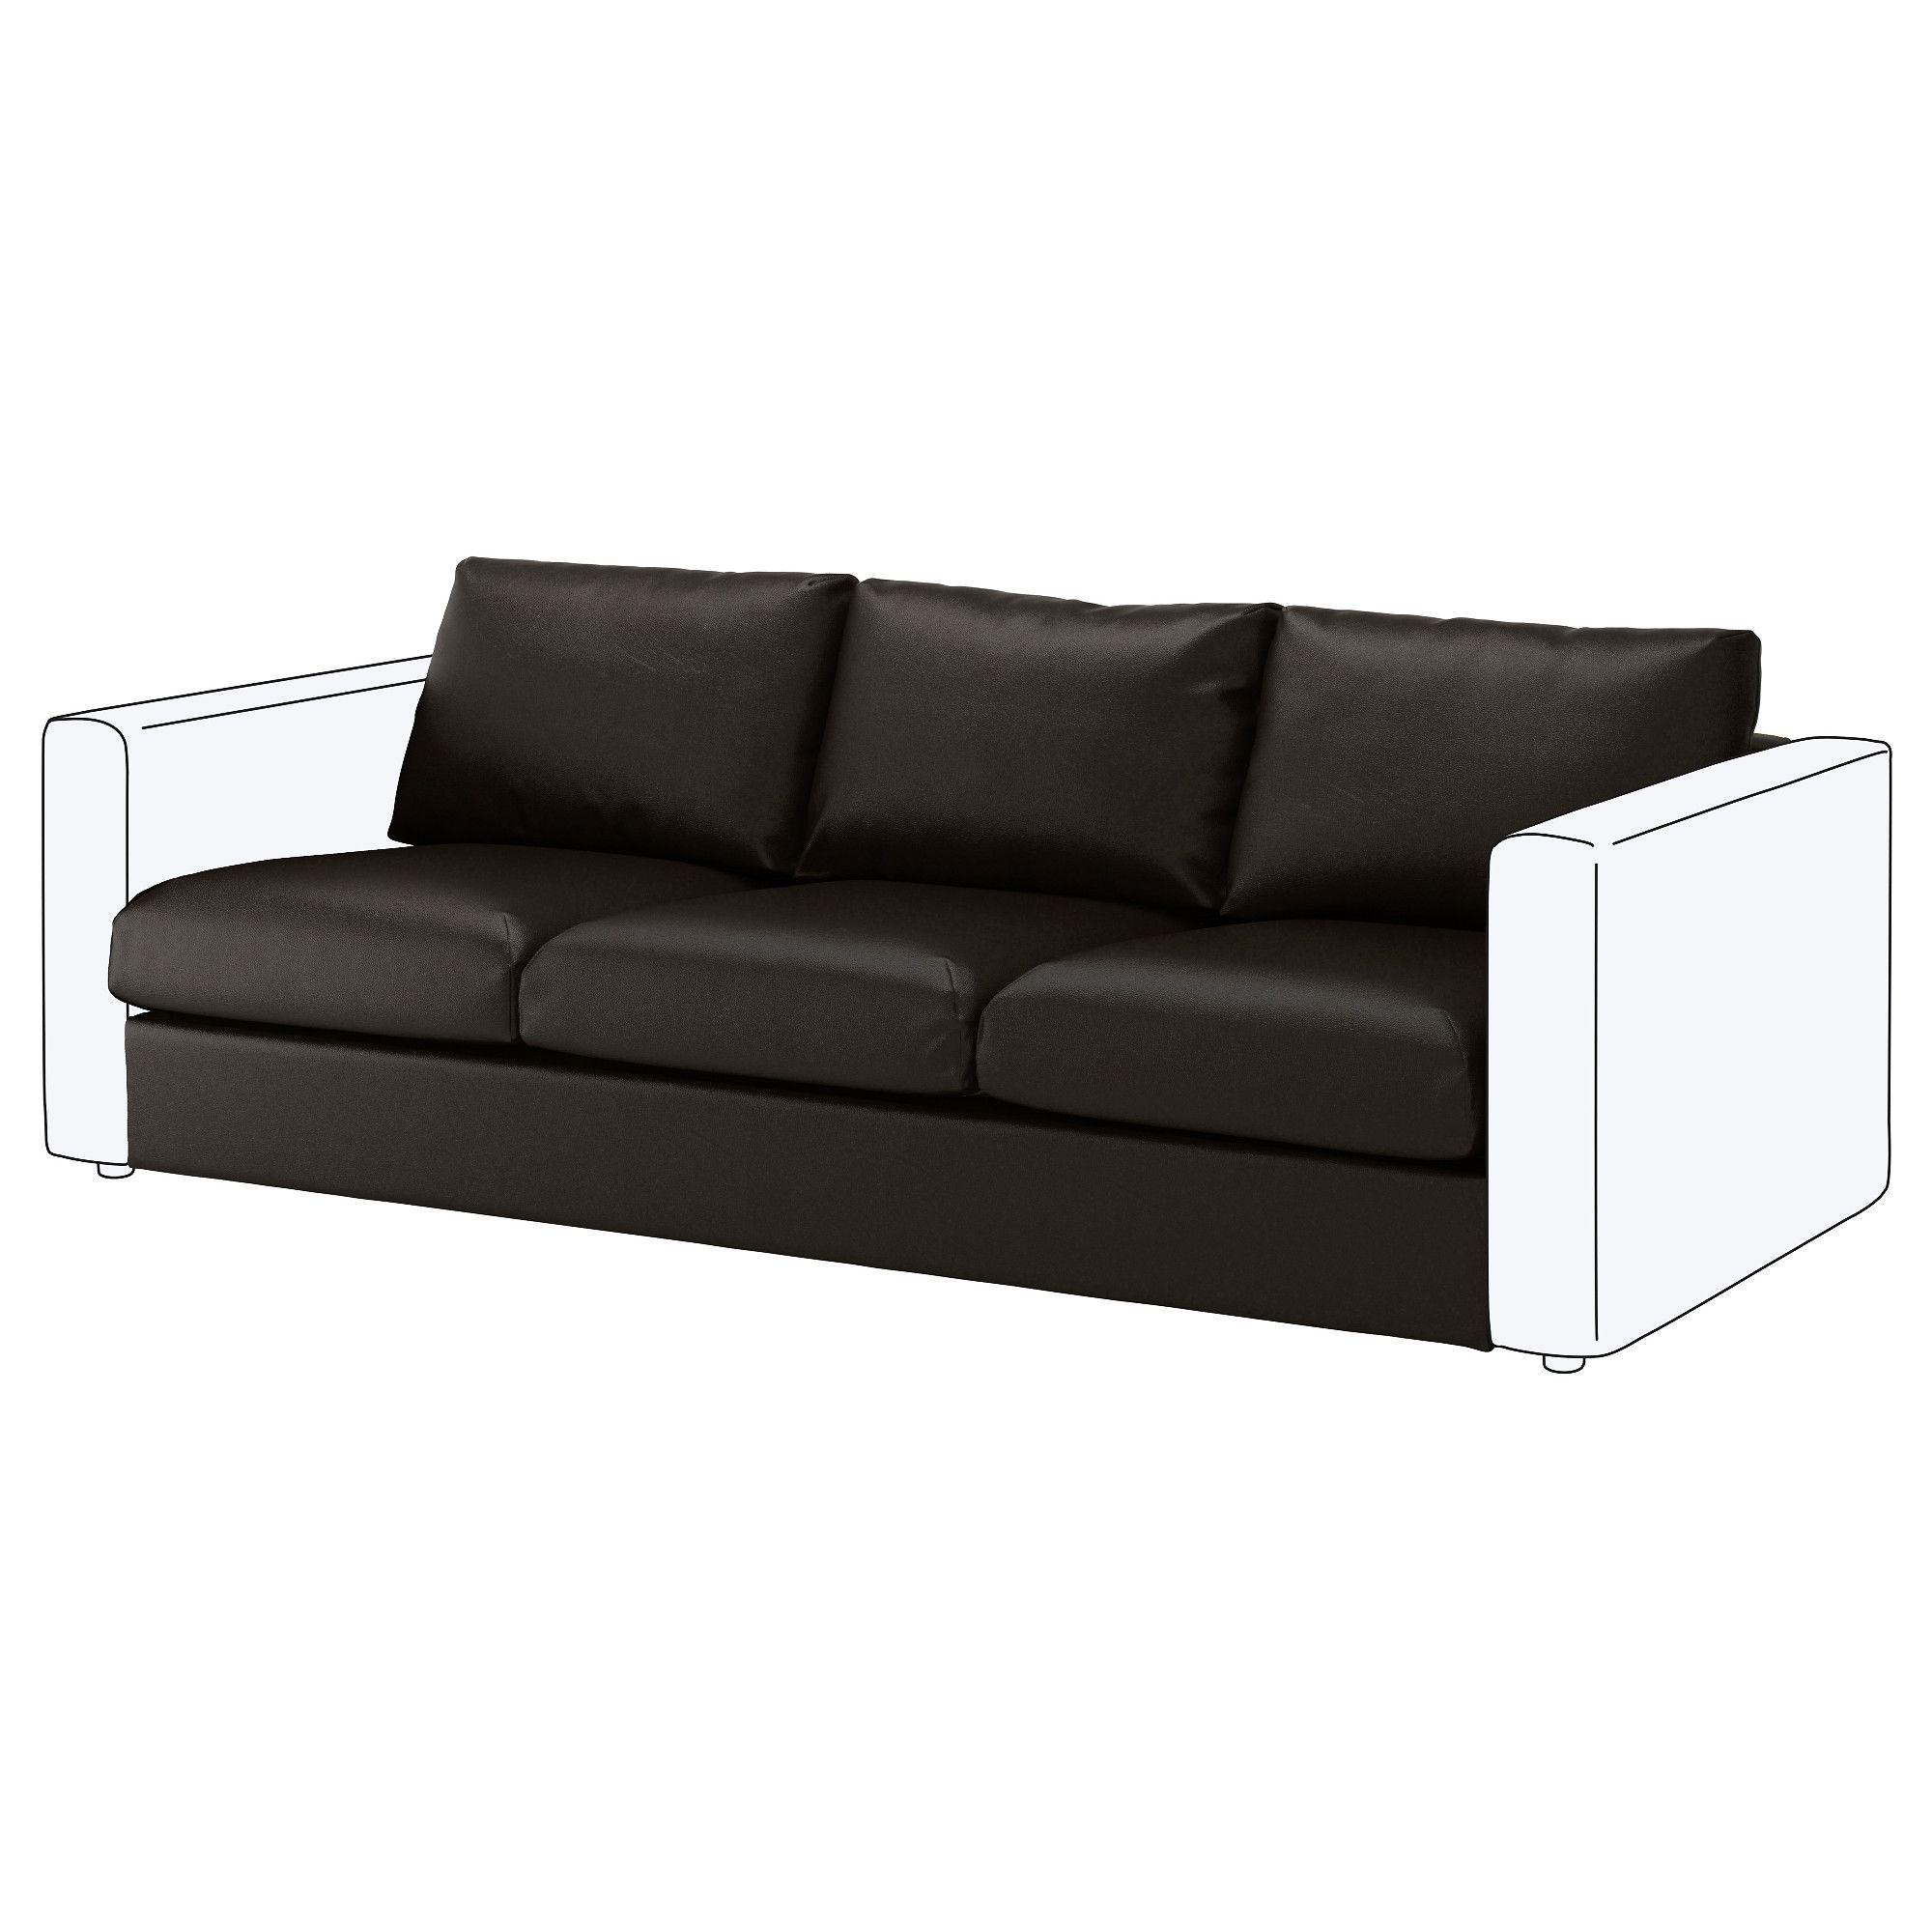 Vimle Sitzelement 3 Farsta Schwarz Modulares Sofa Ledersofa Schwarz Und Ikea